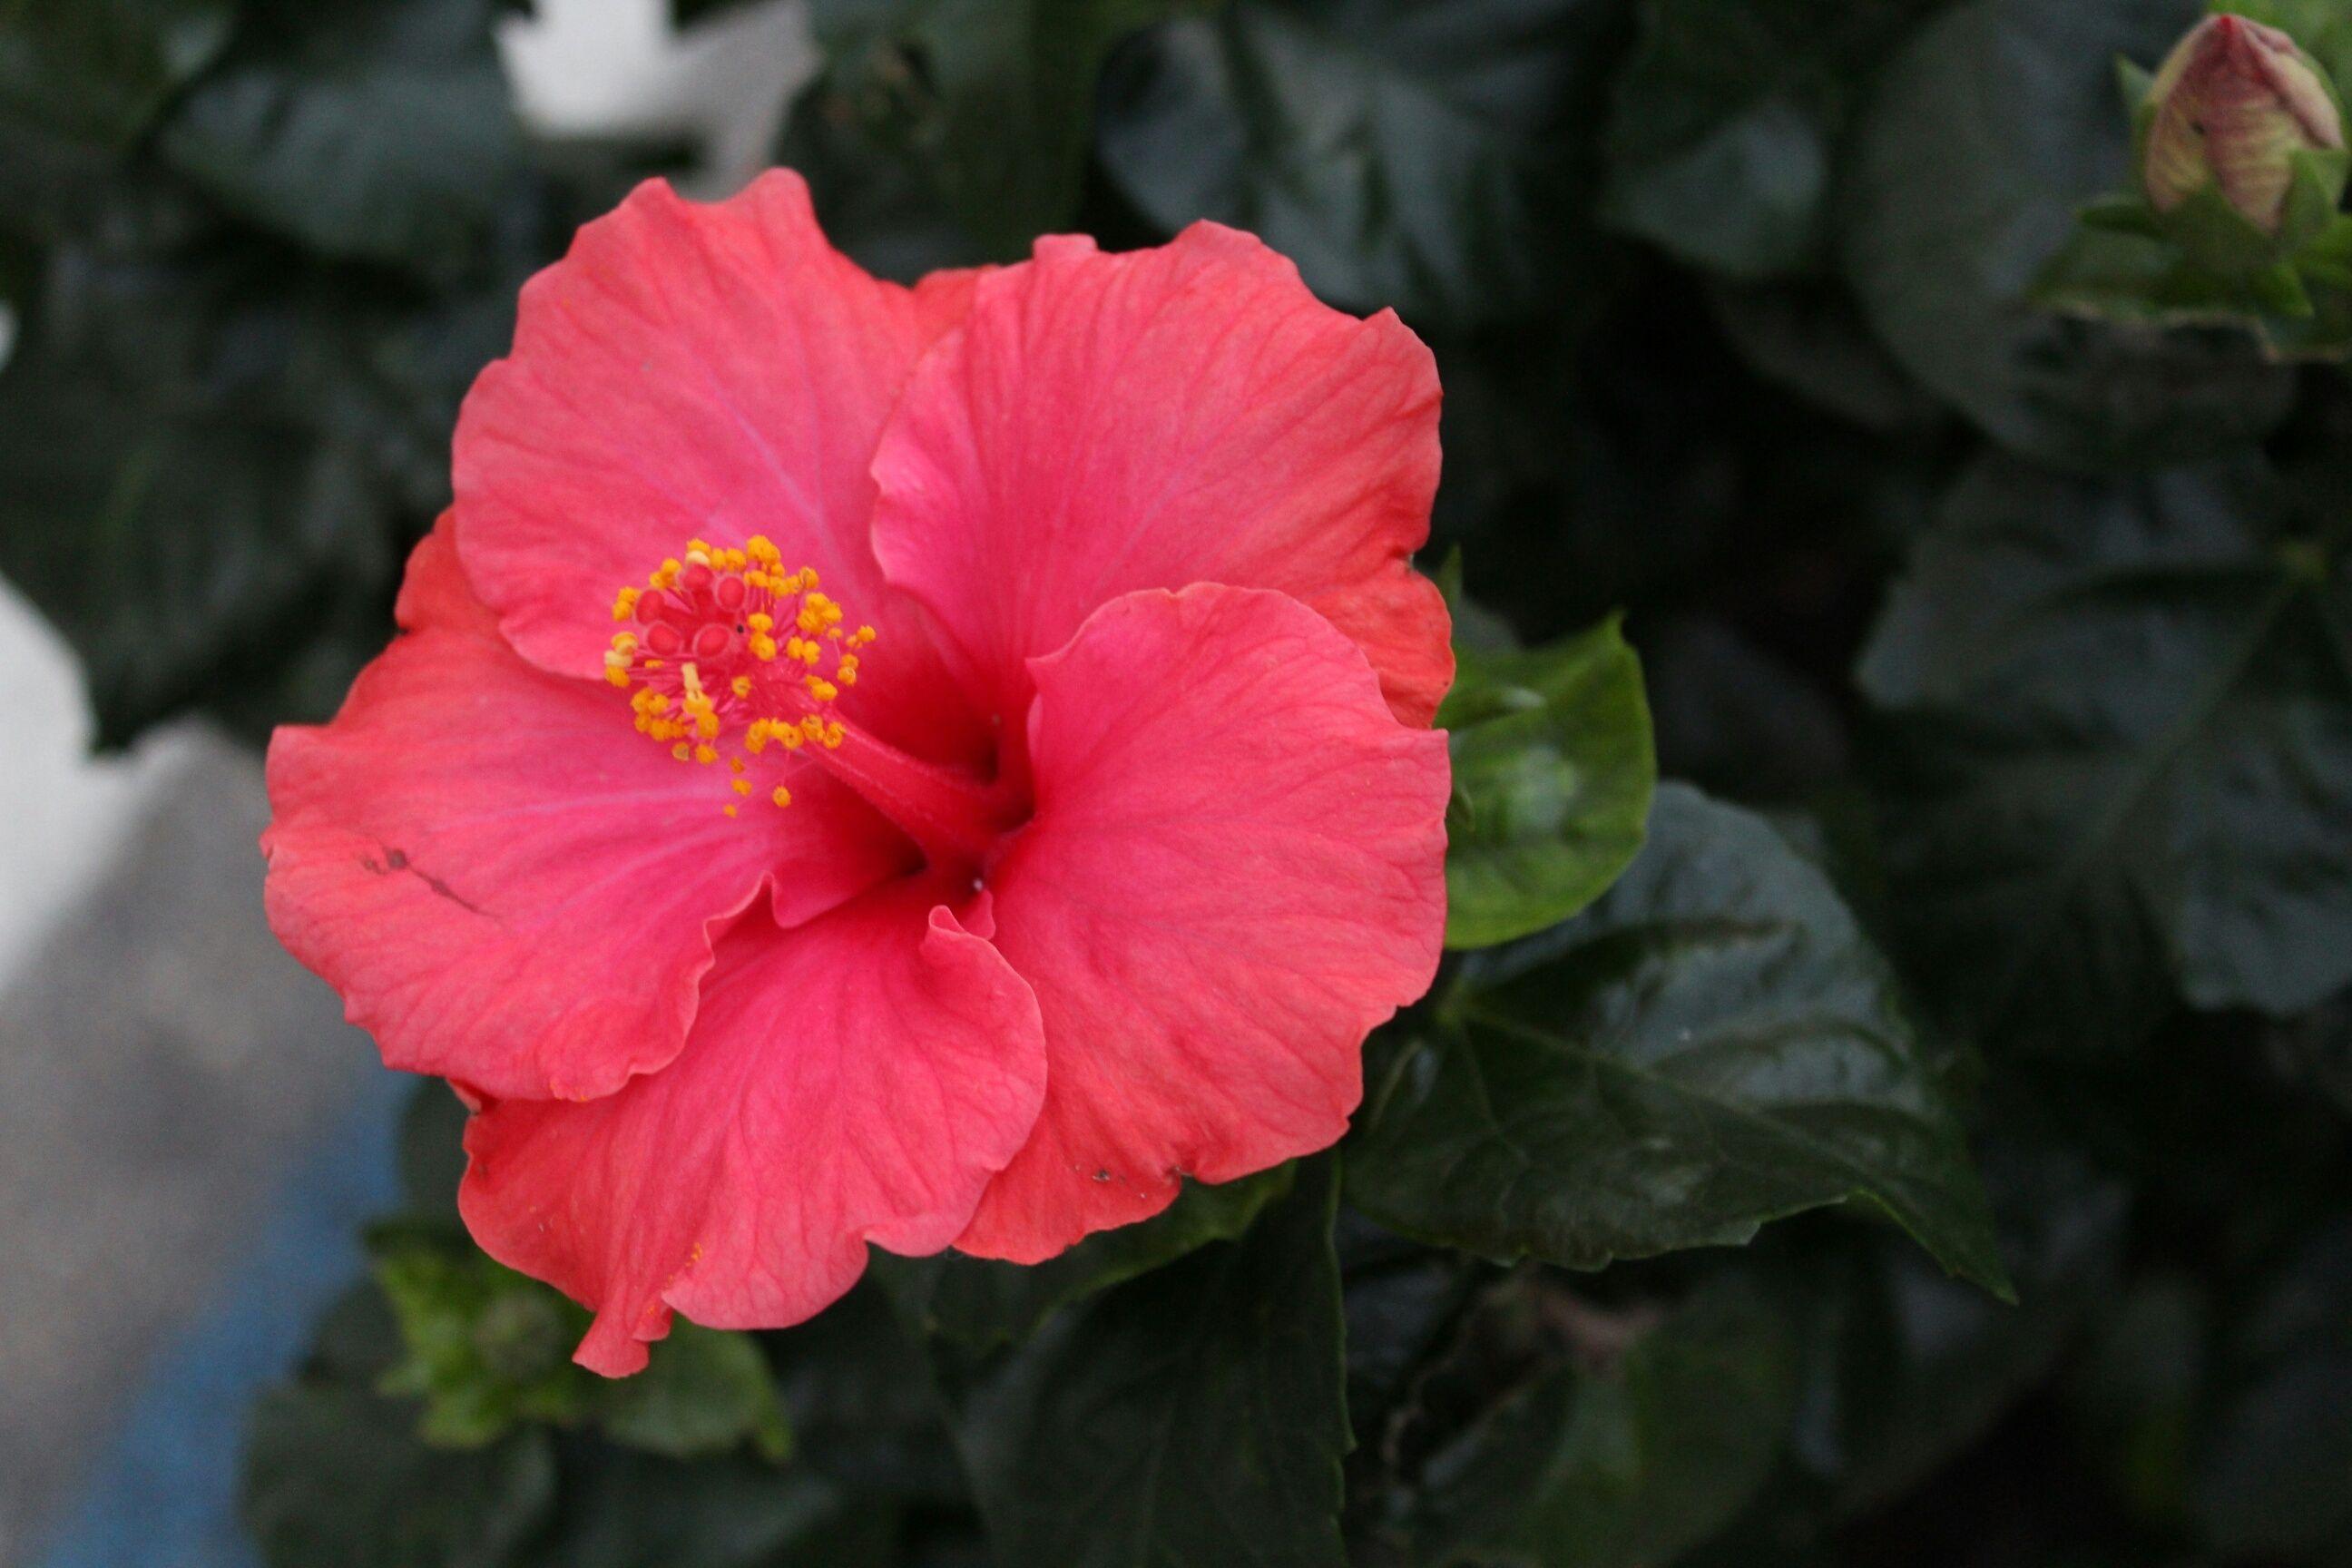 How To Grow Hibiscus in Pots